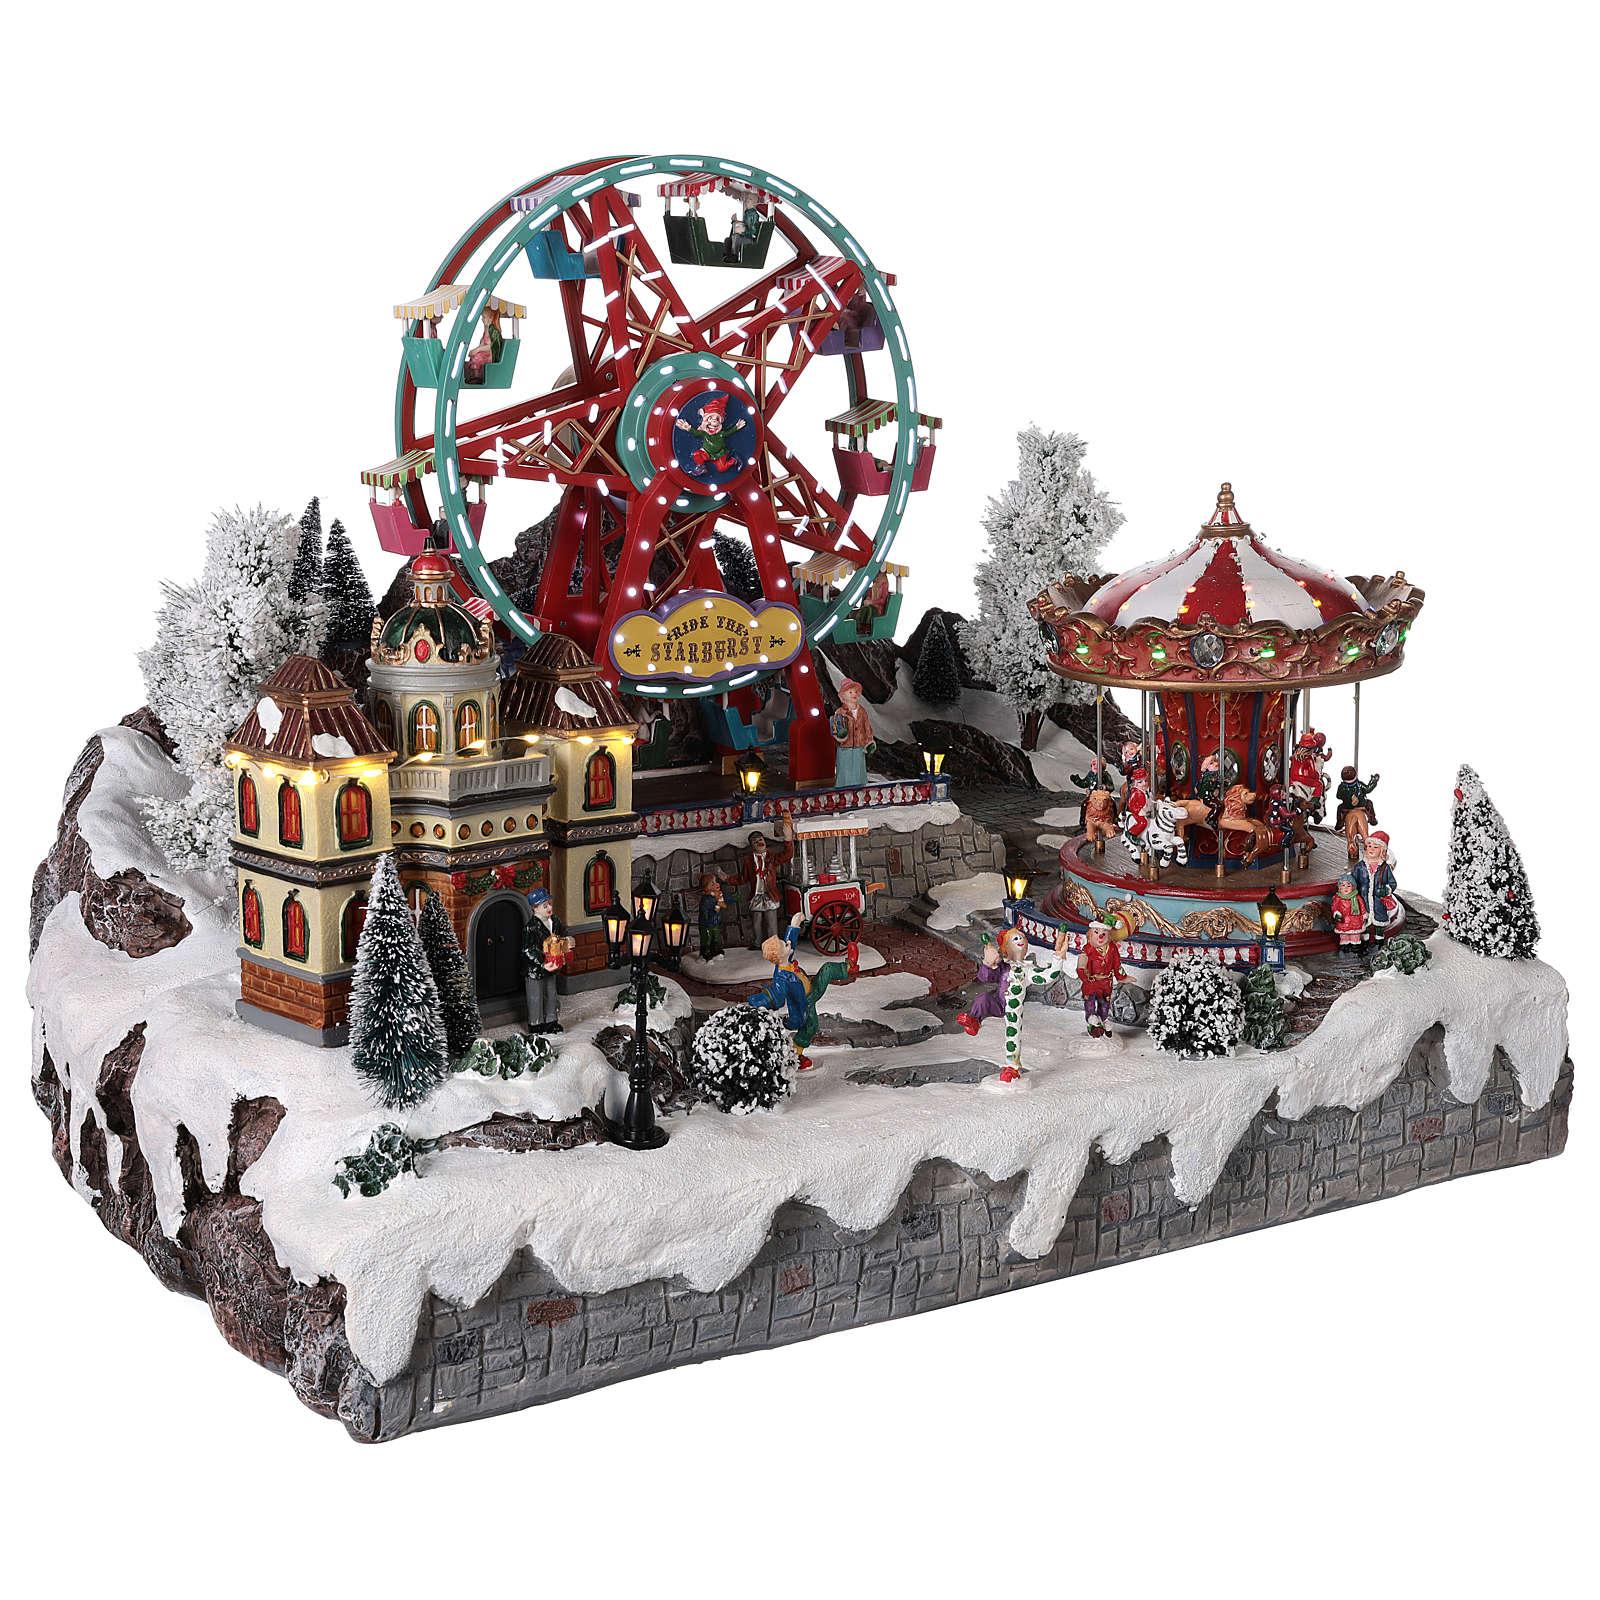 Village Noël roue panoramique manège mouvement lumières 50x50x45 cm 3